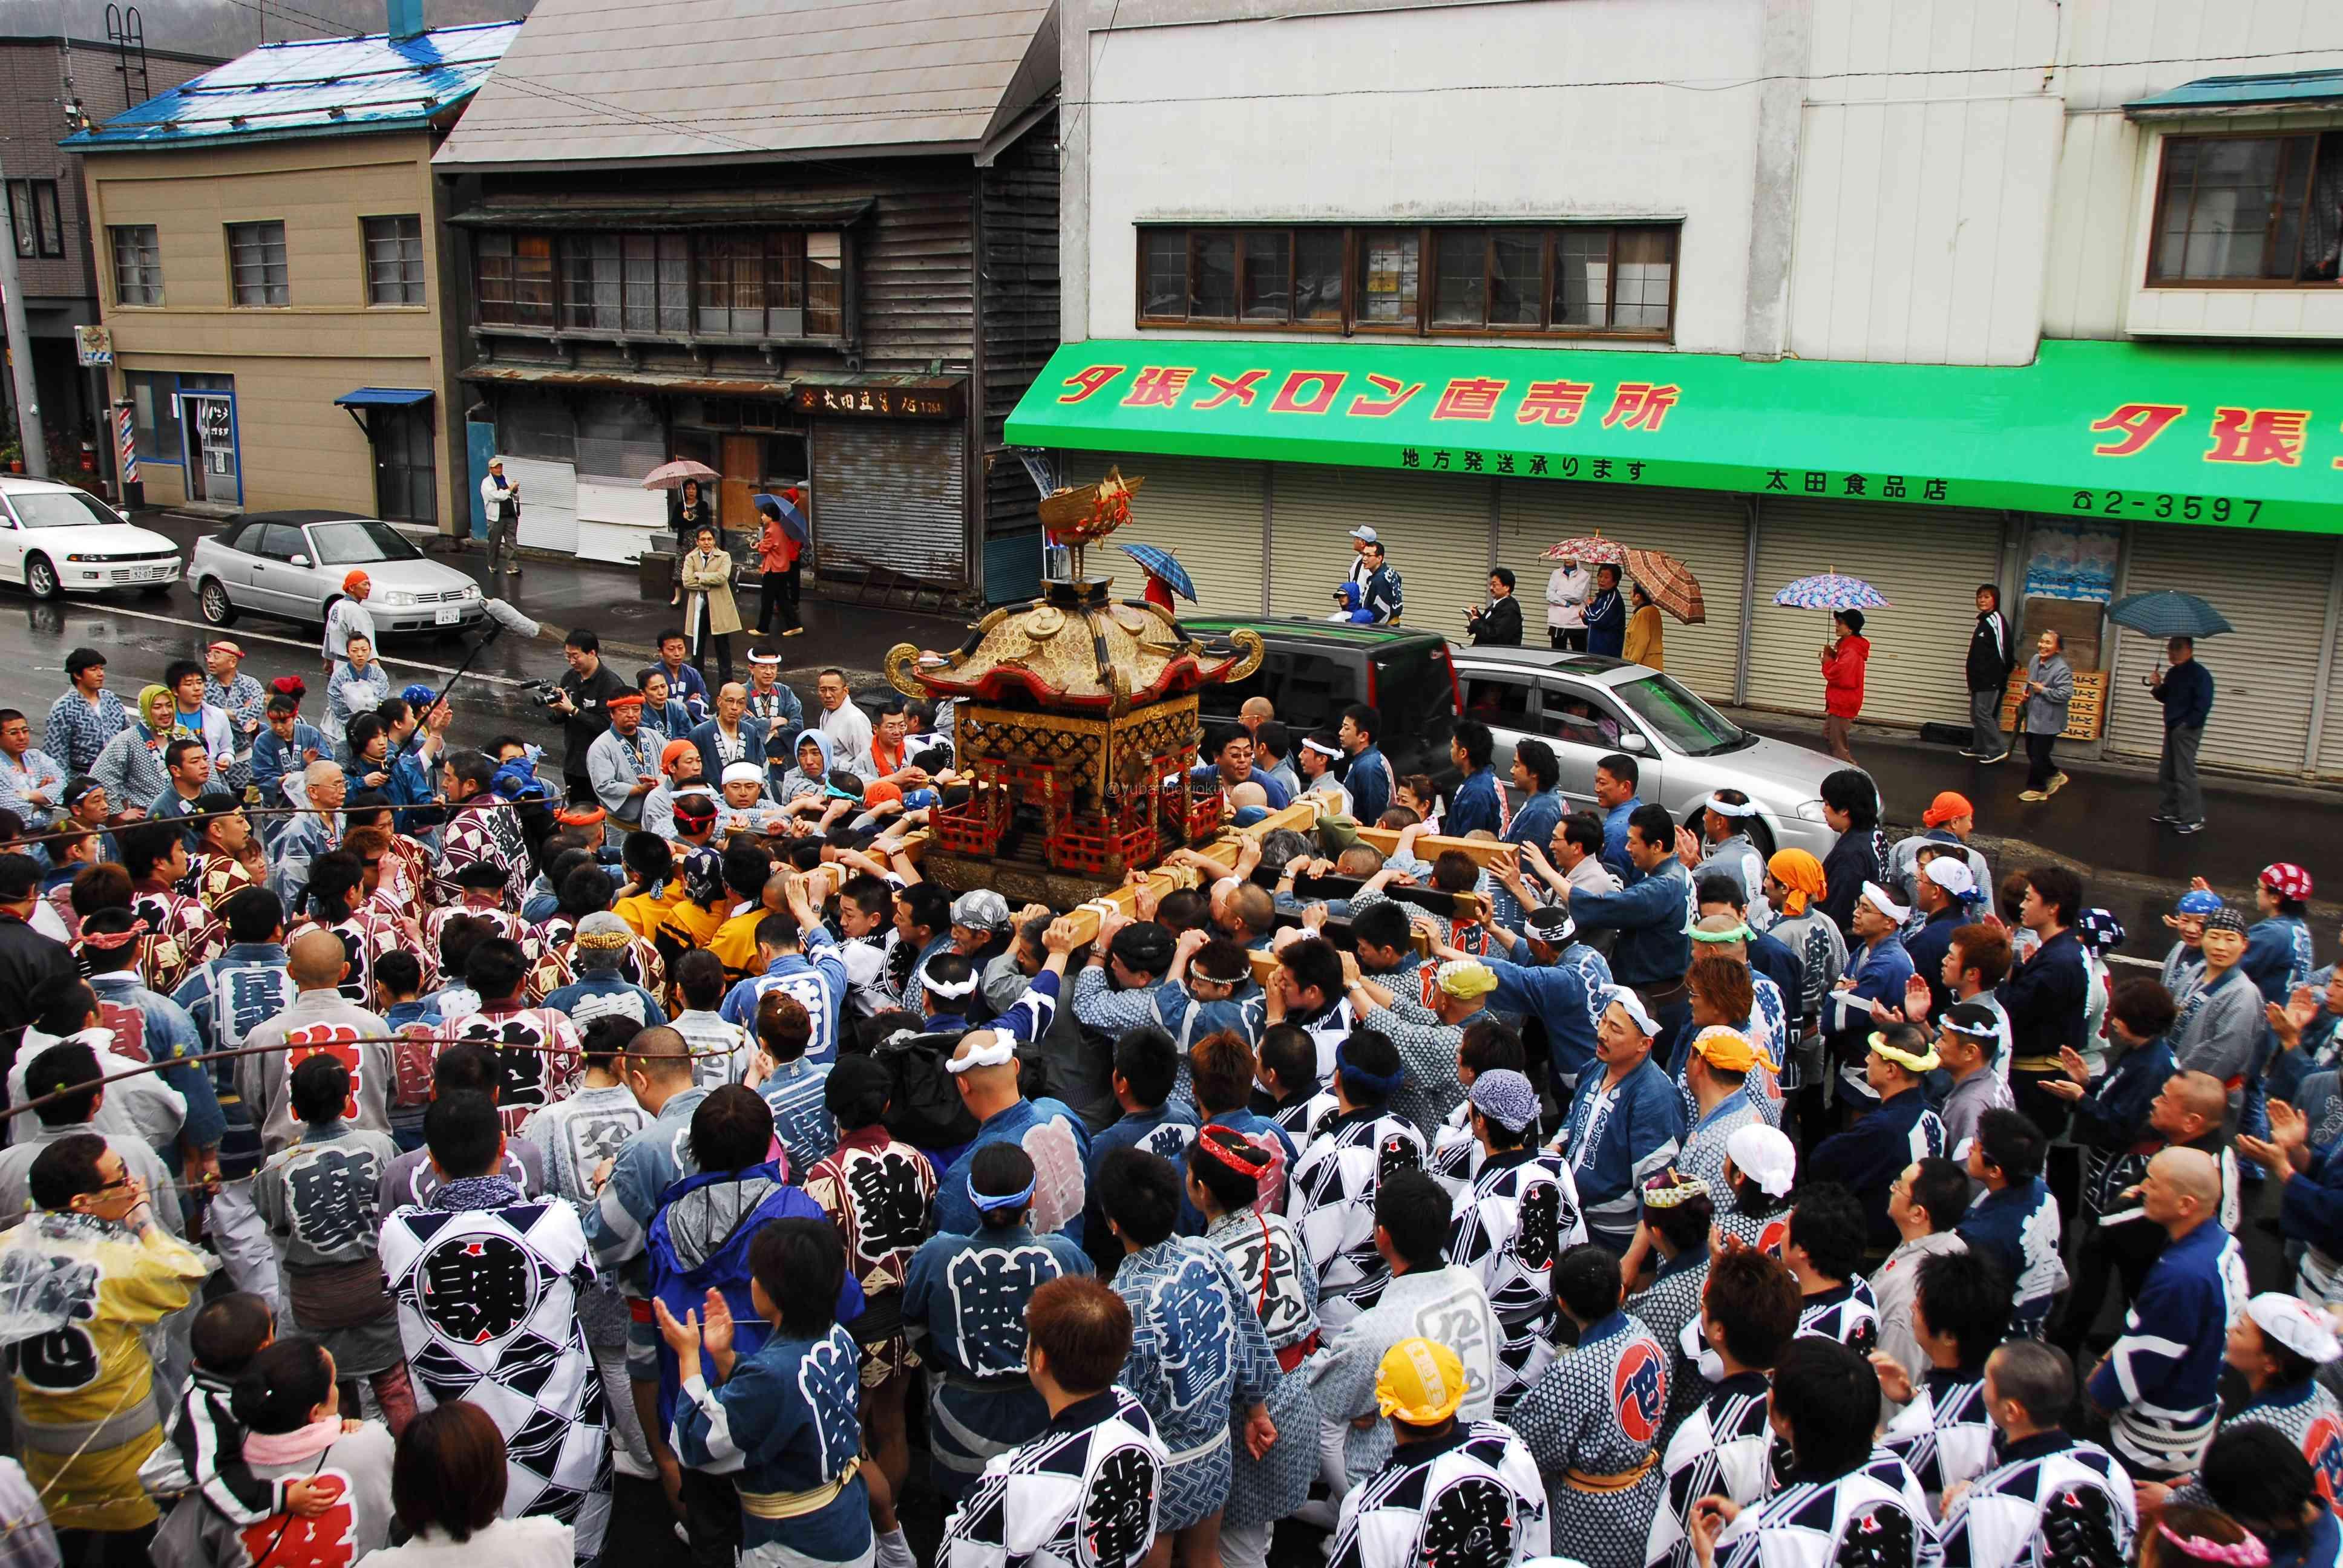 2007年夕張神社例大祭